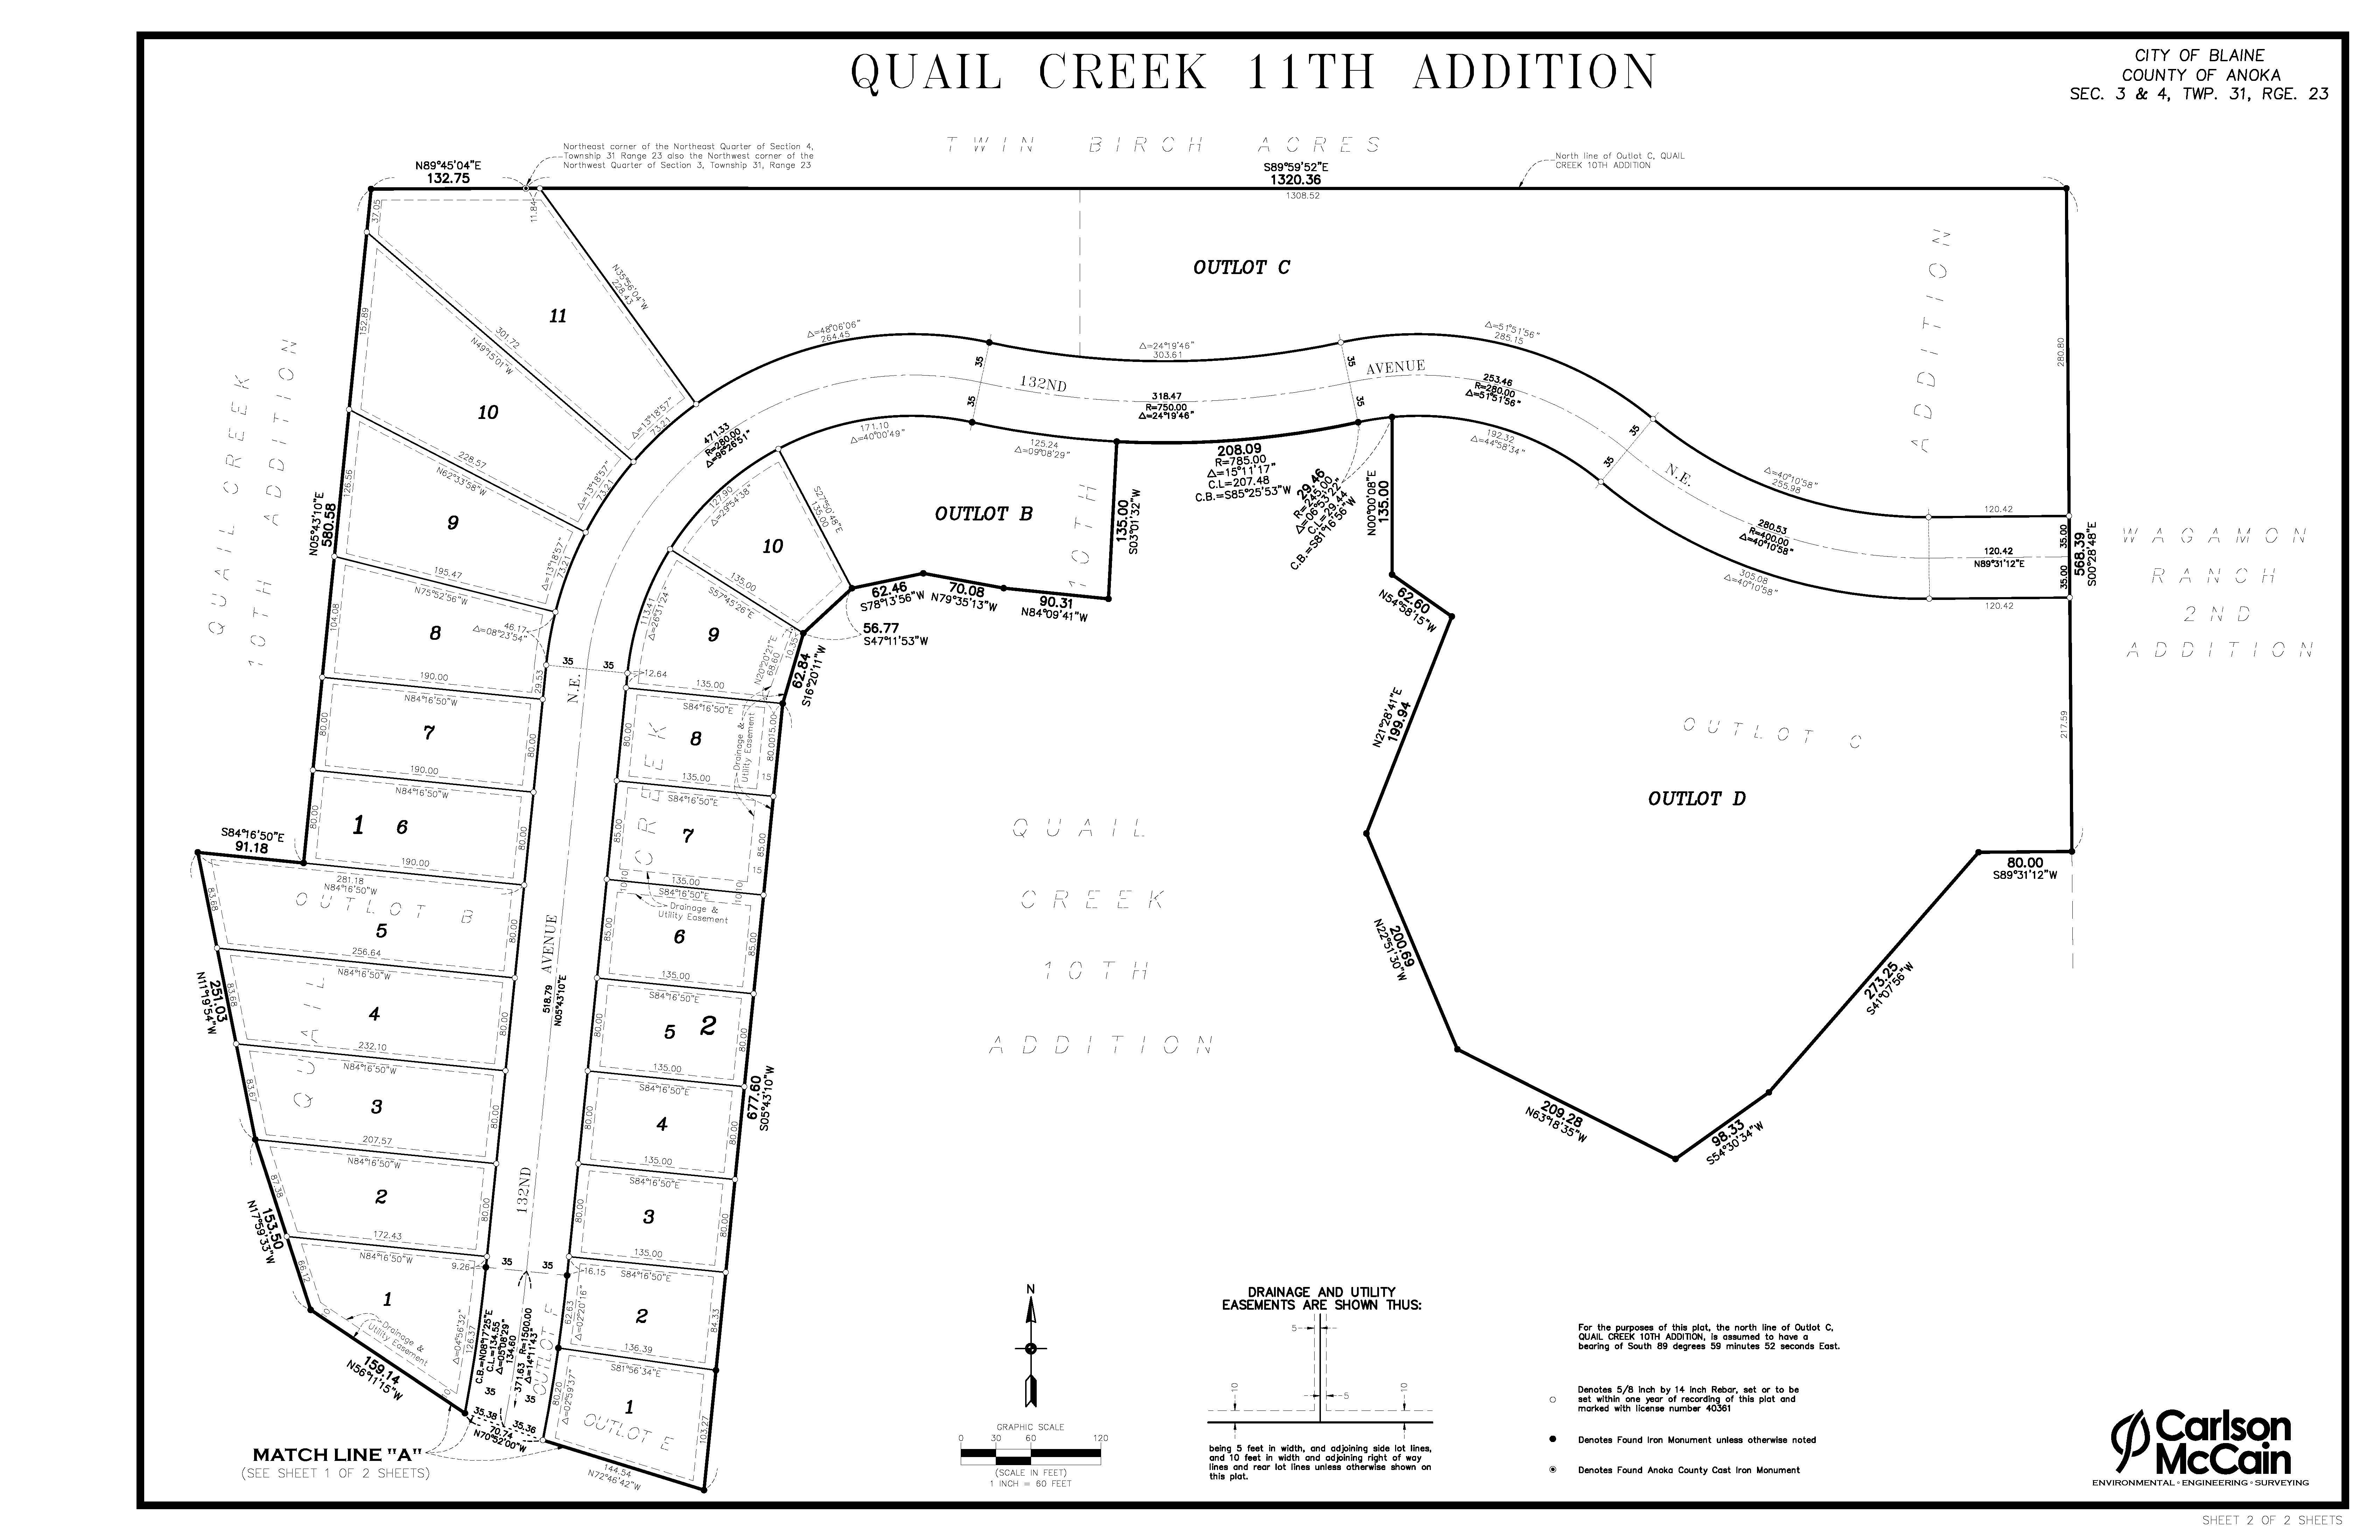 Quail Creek 11th